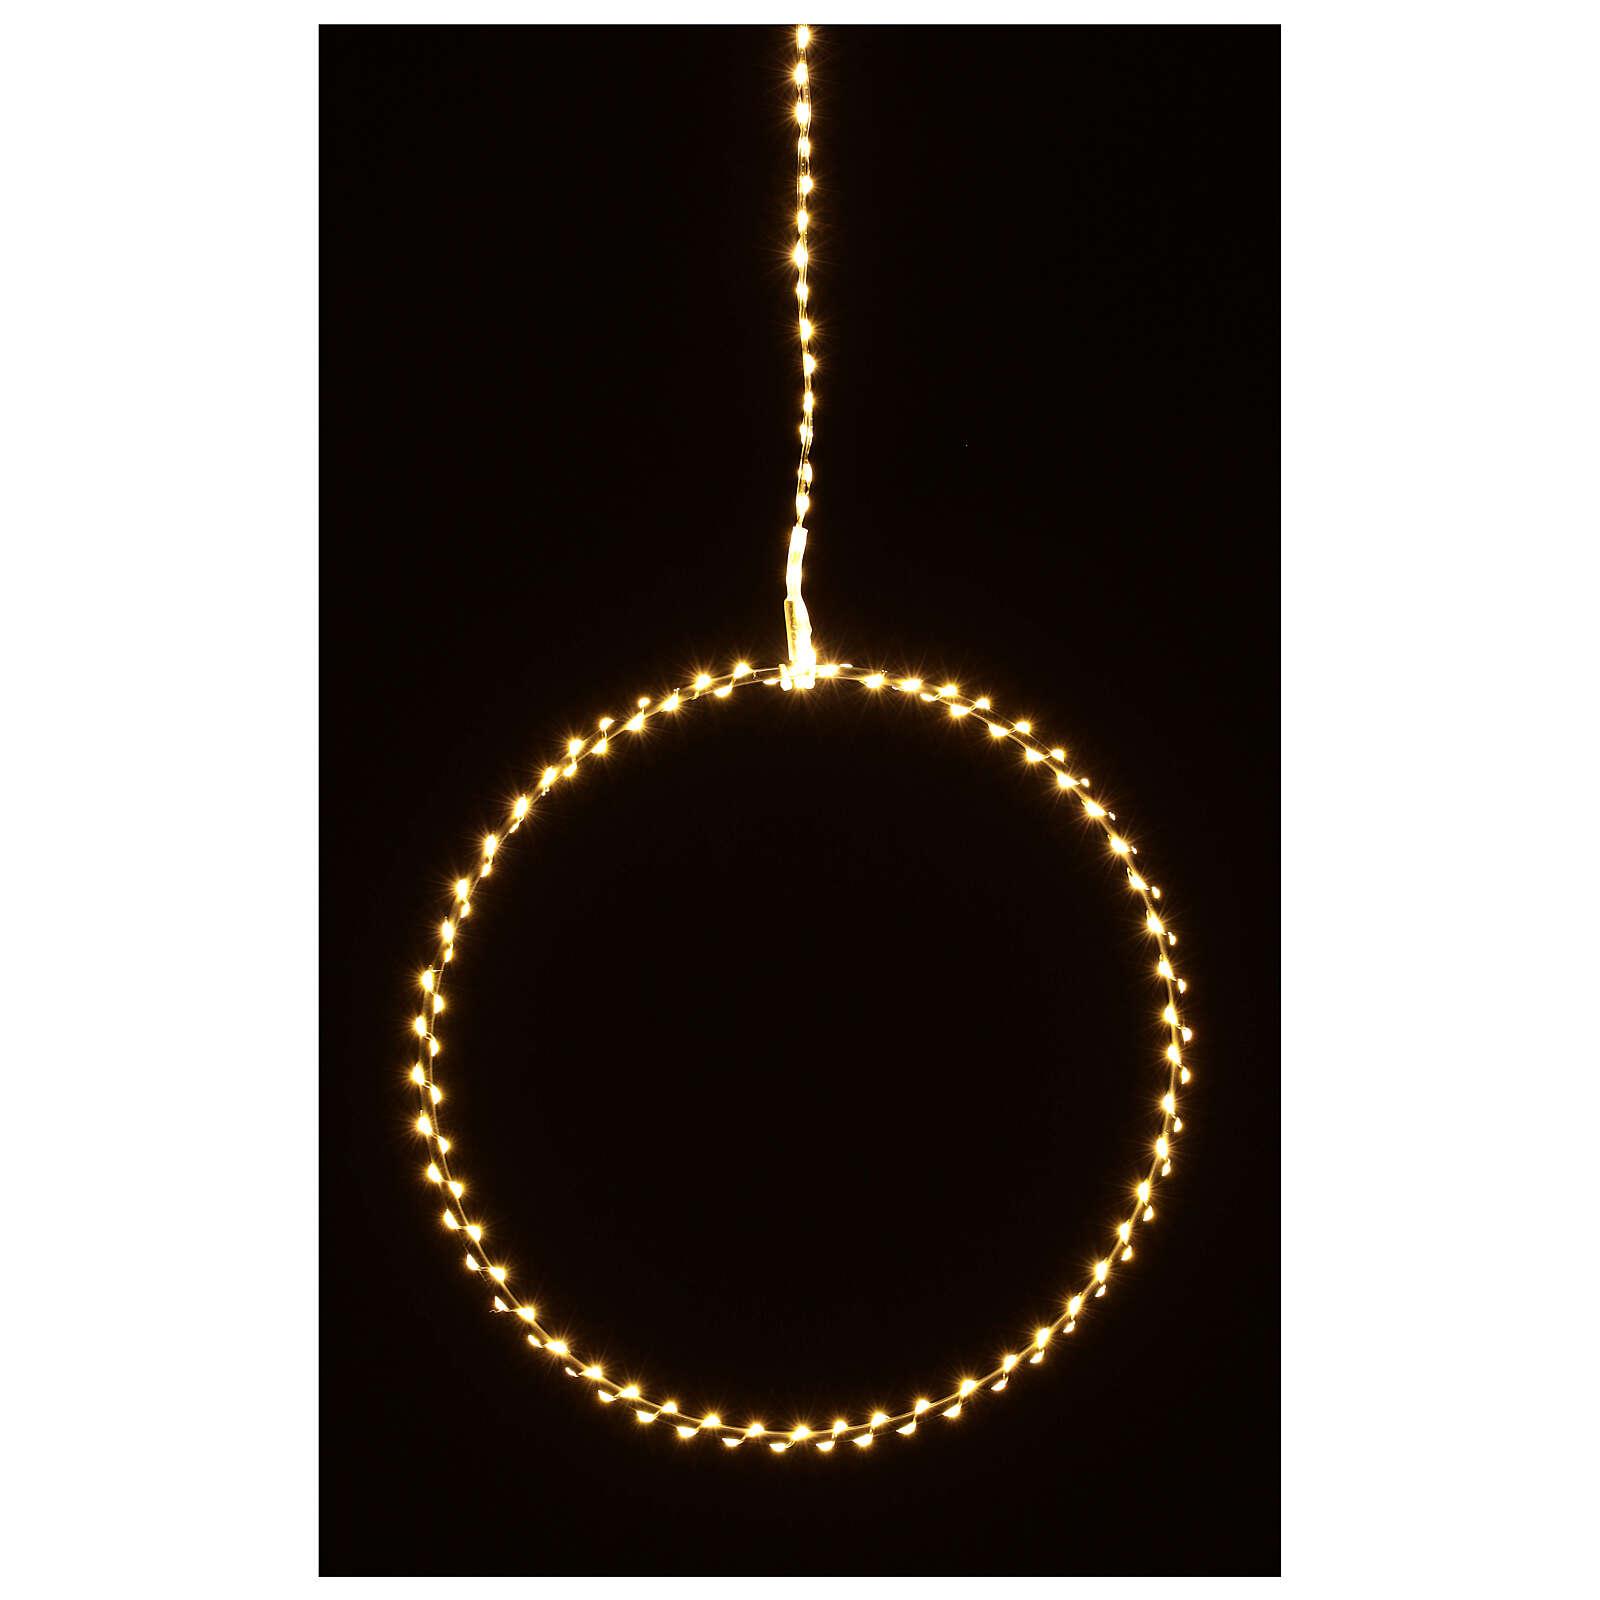 Anillo luminoso Navidad gotas led blanco cálido d. 50 cm interior 220V 3